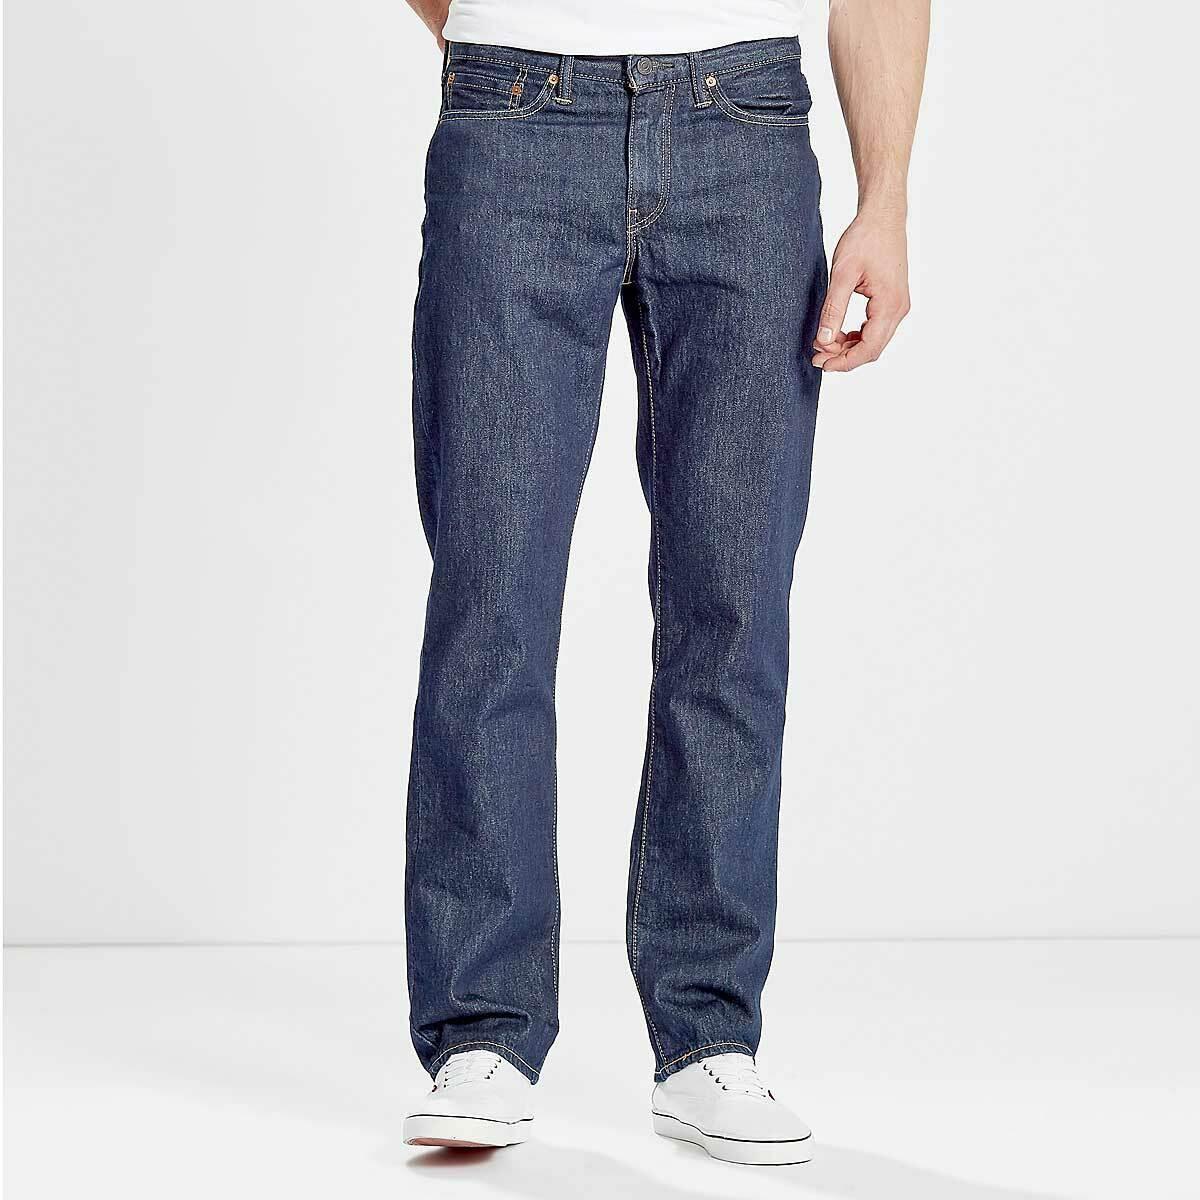 33X30 #055274258 Levi/'s Mens 527 Slim Boot Cut Jeans Medium Blue 30X30